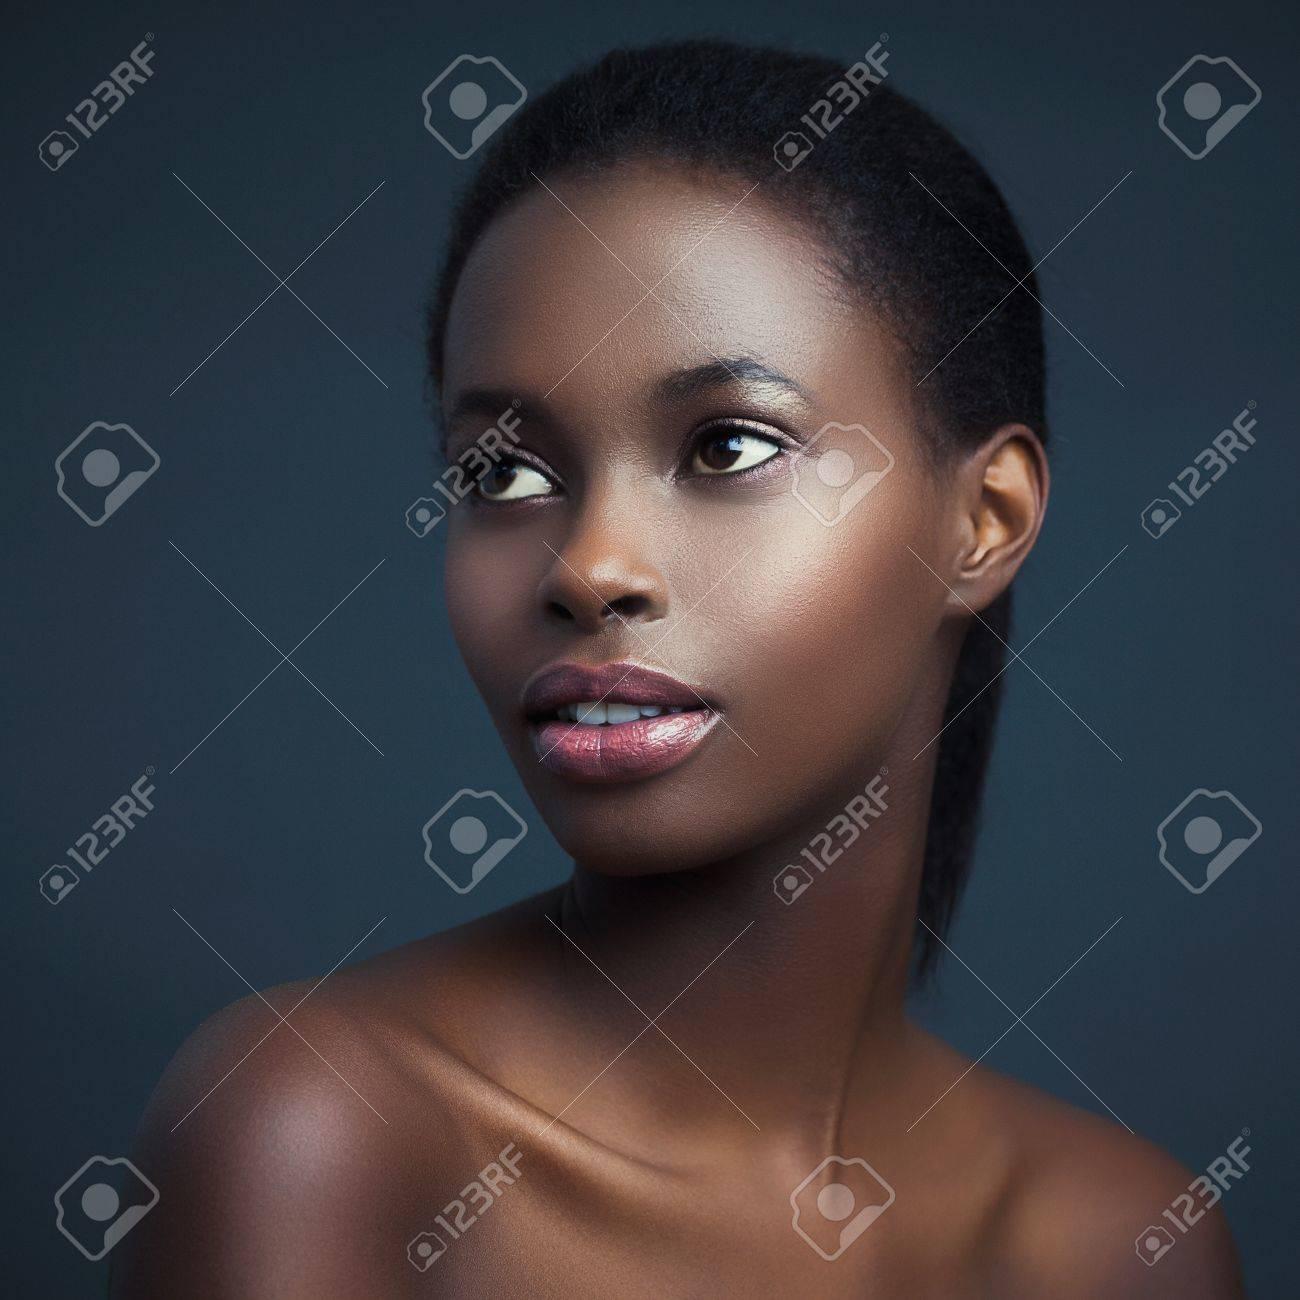 Fabuleux Beauté Portrait D'une Femme Africaine Sensuelle. Banque D'Images @VN_24